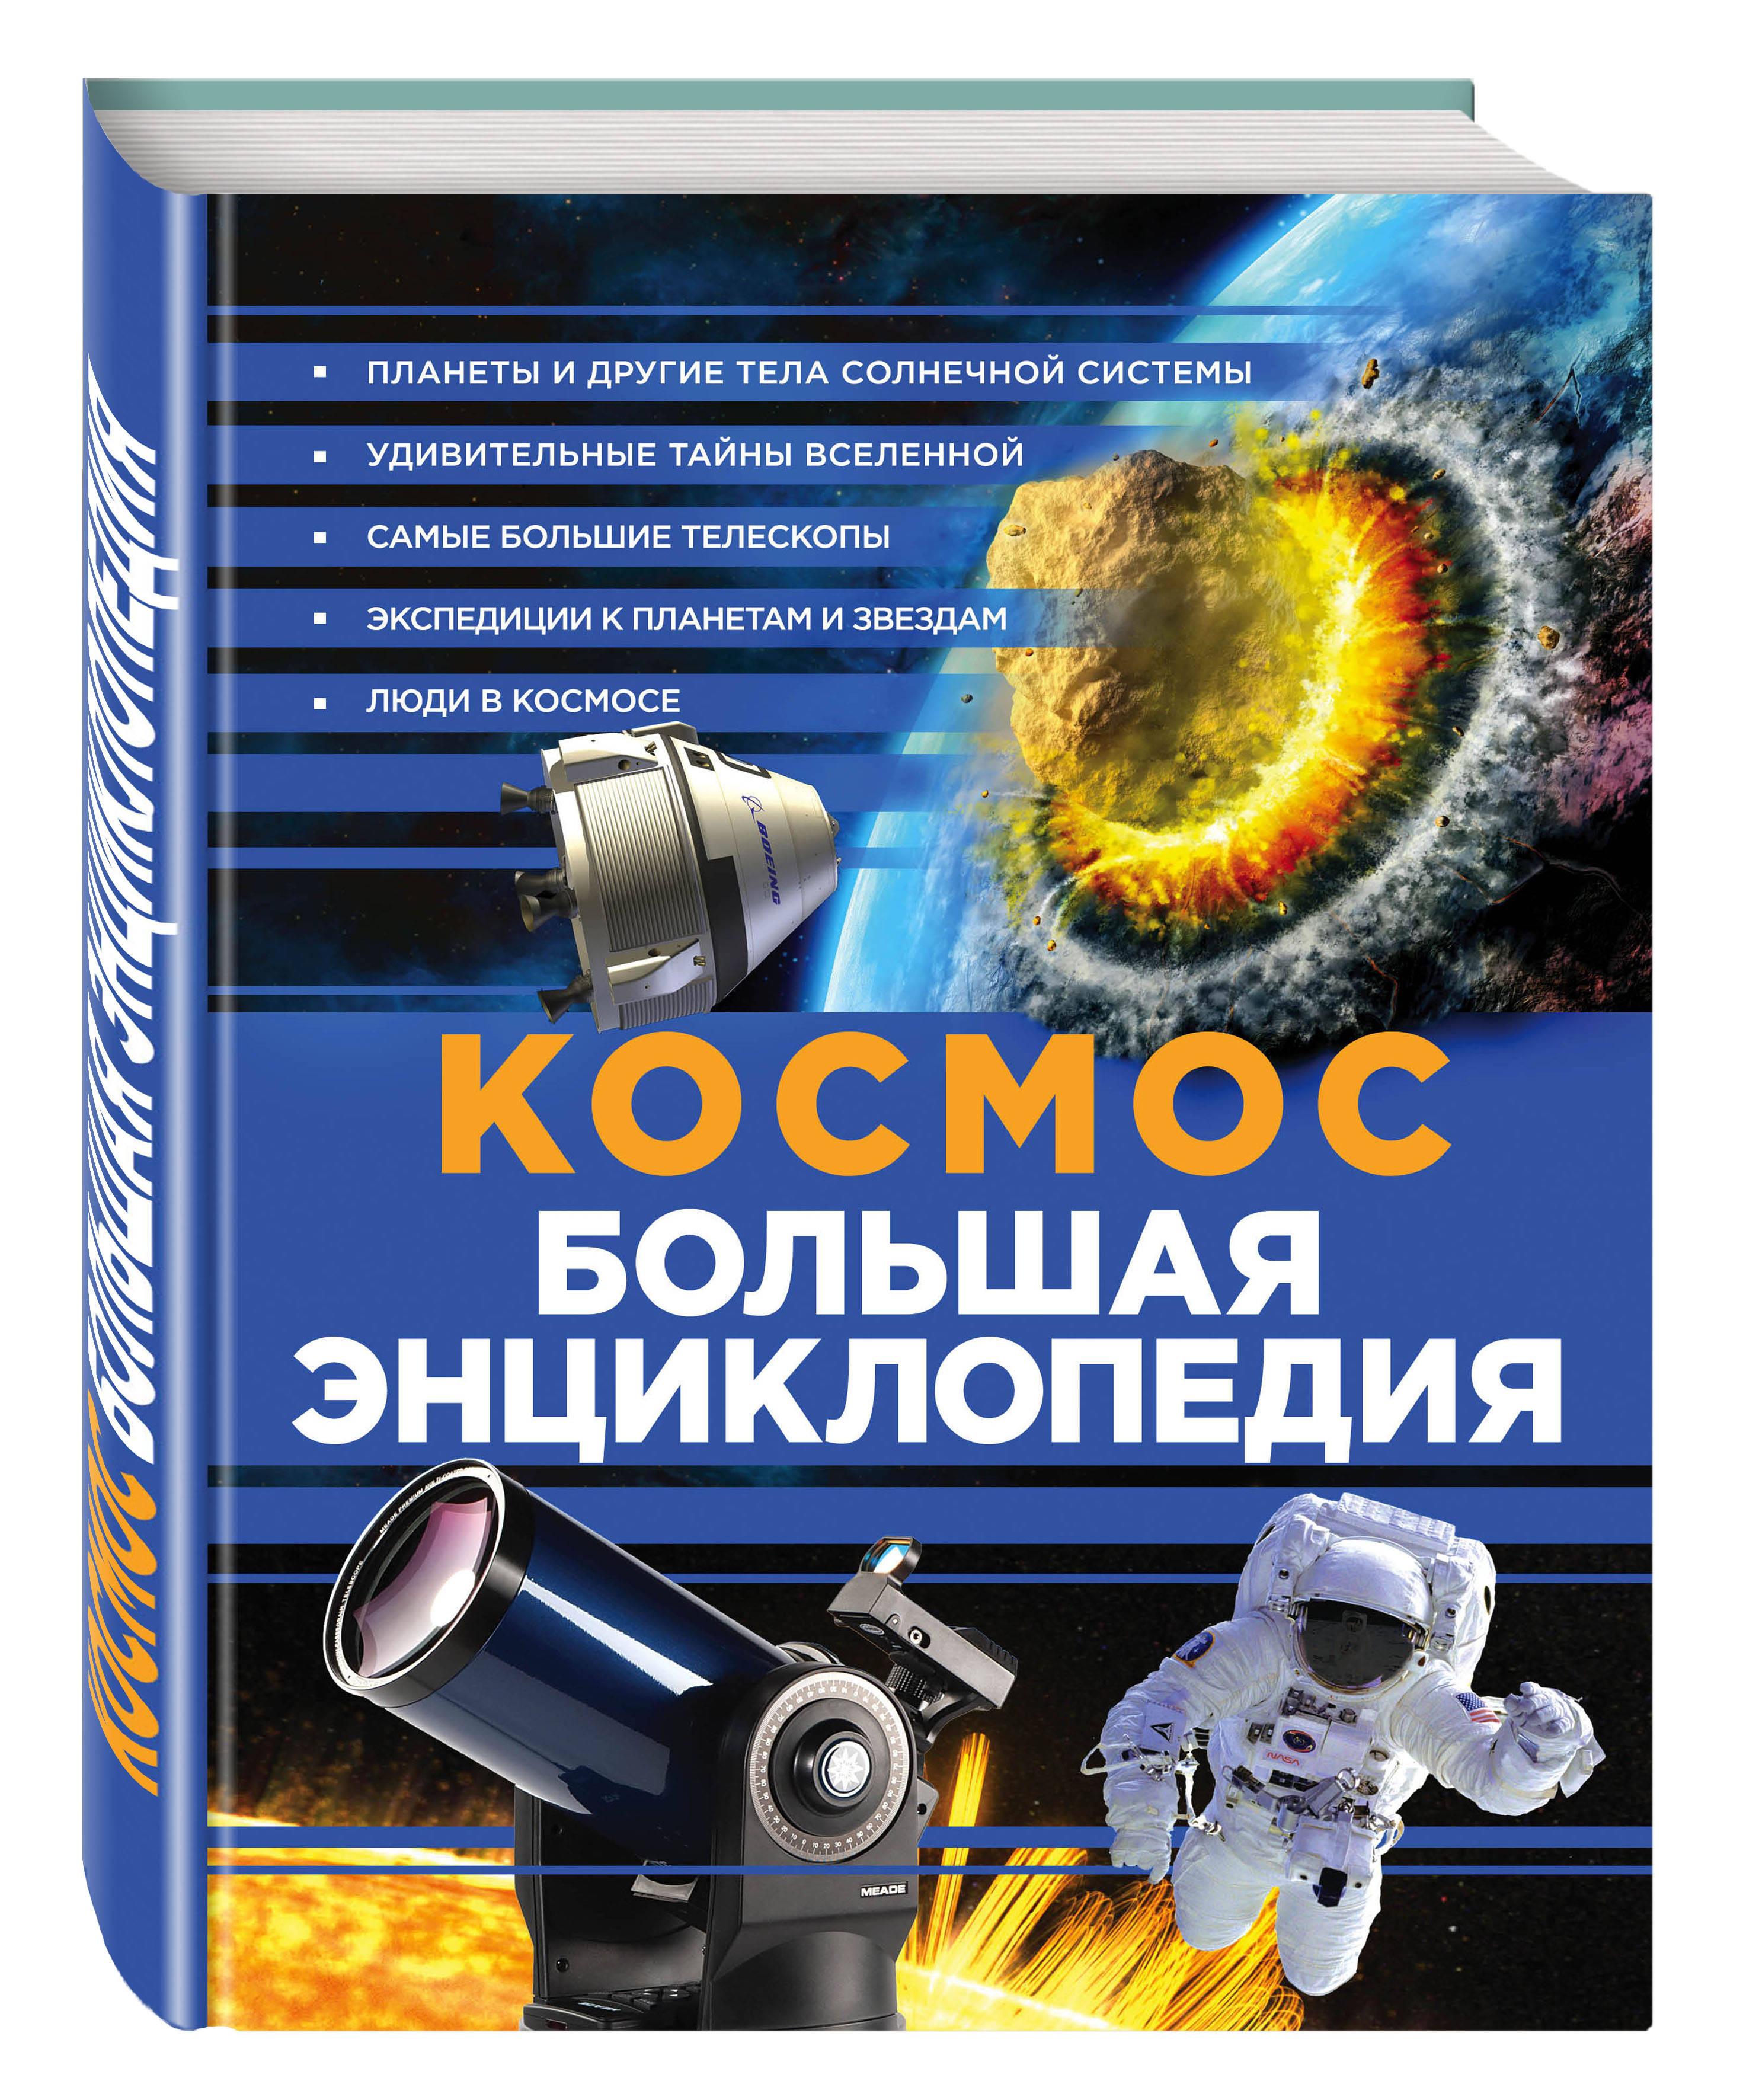 Космос. Большая энциклопедия